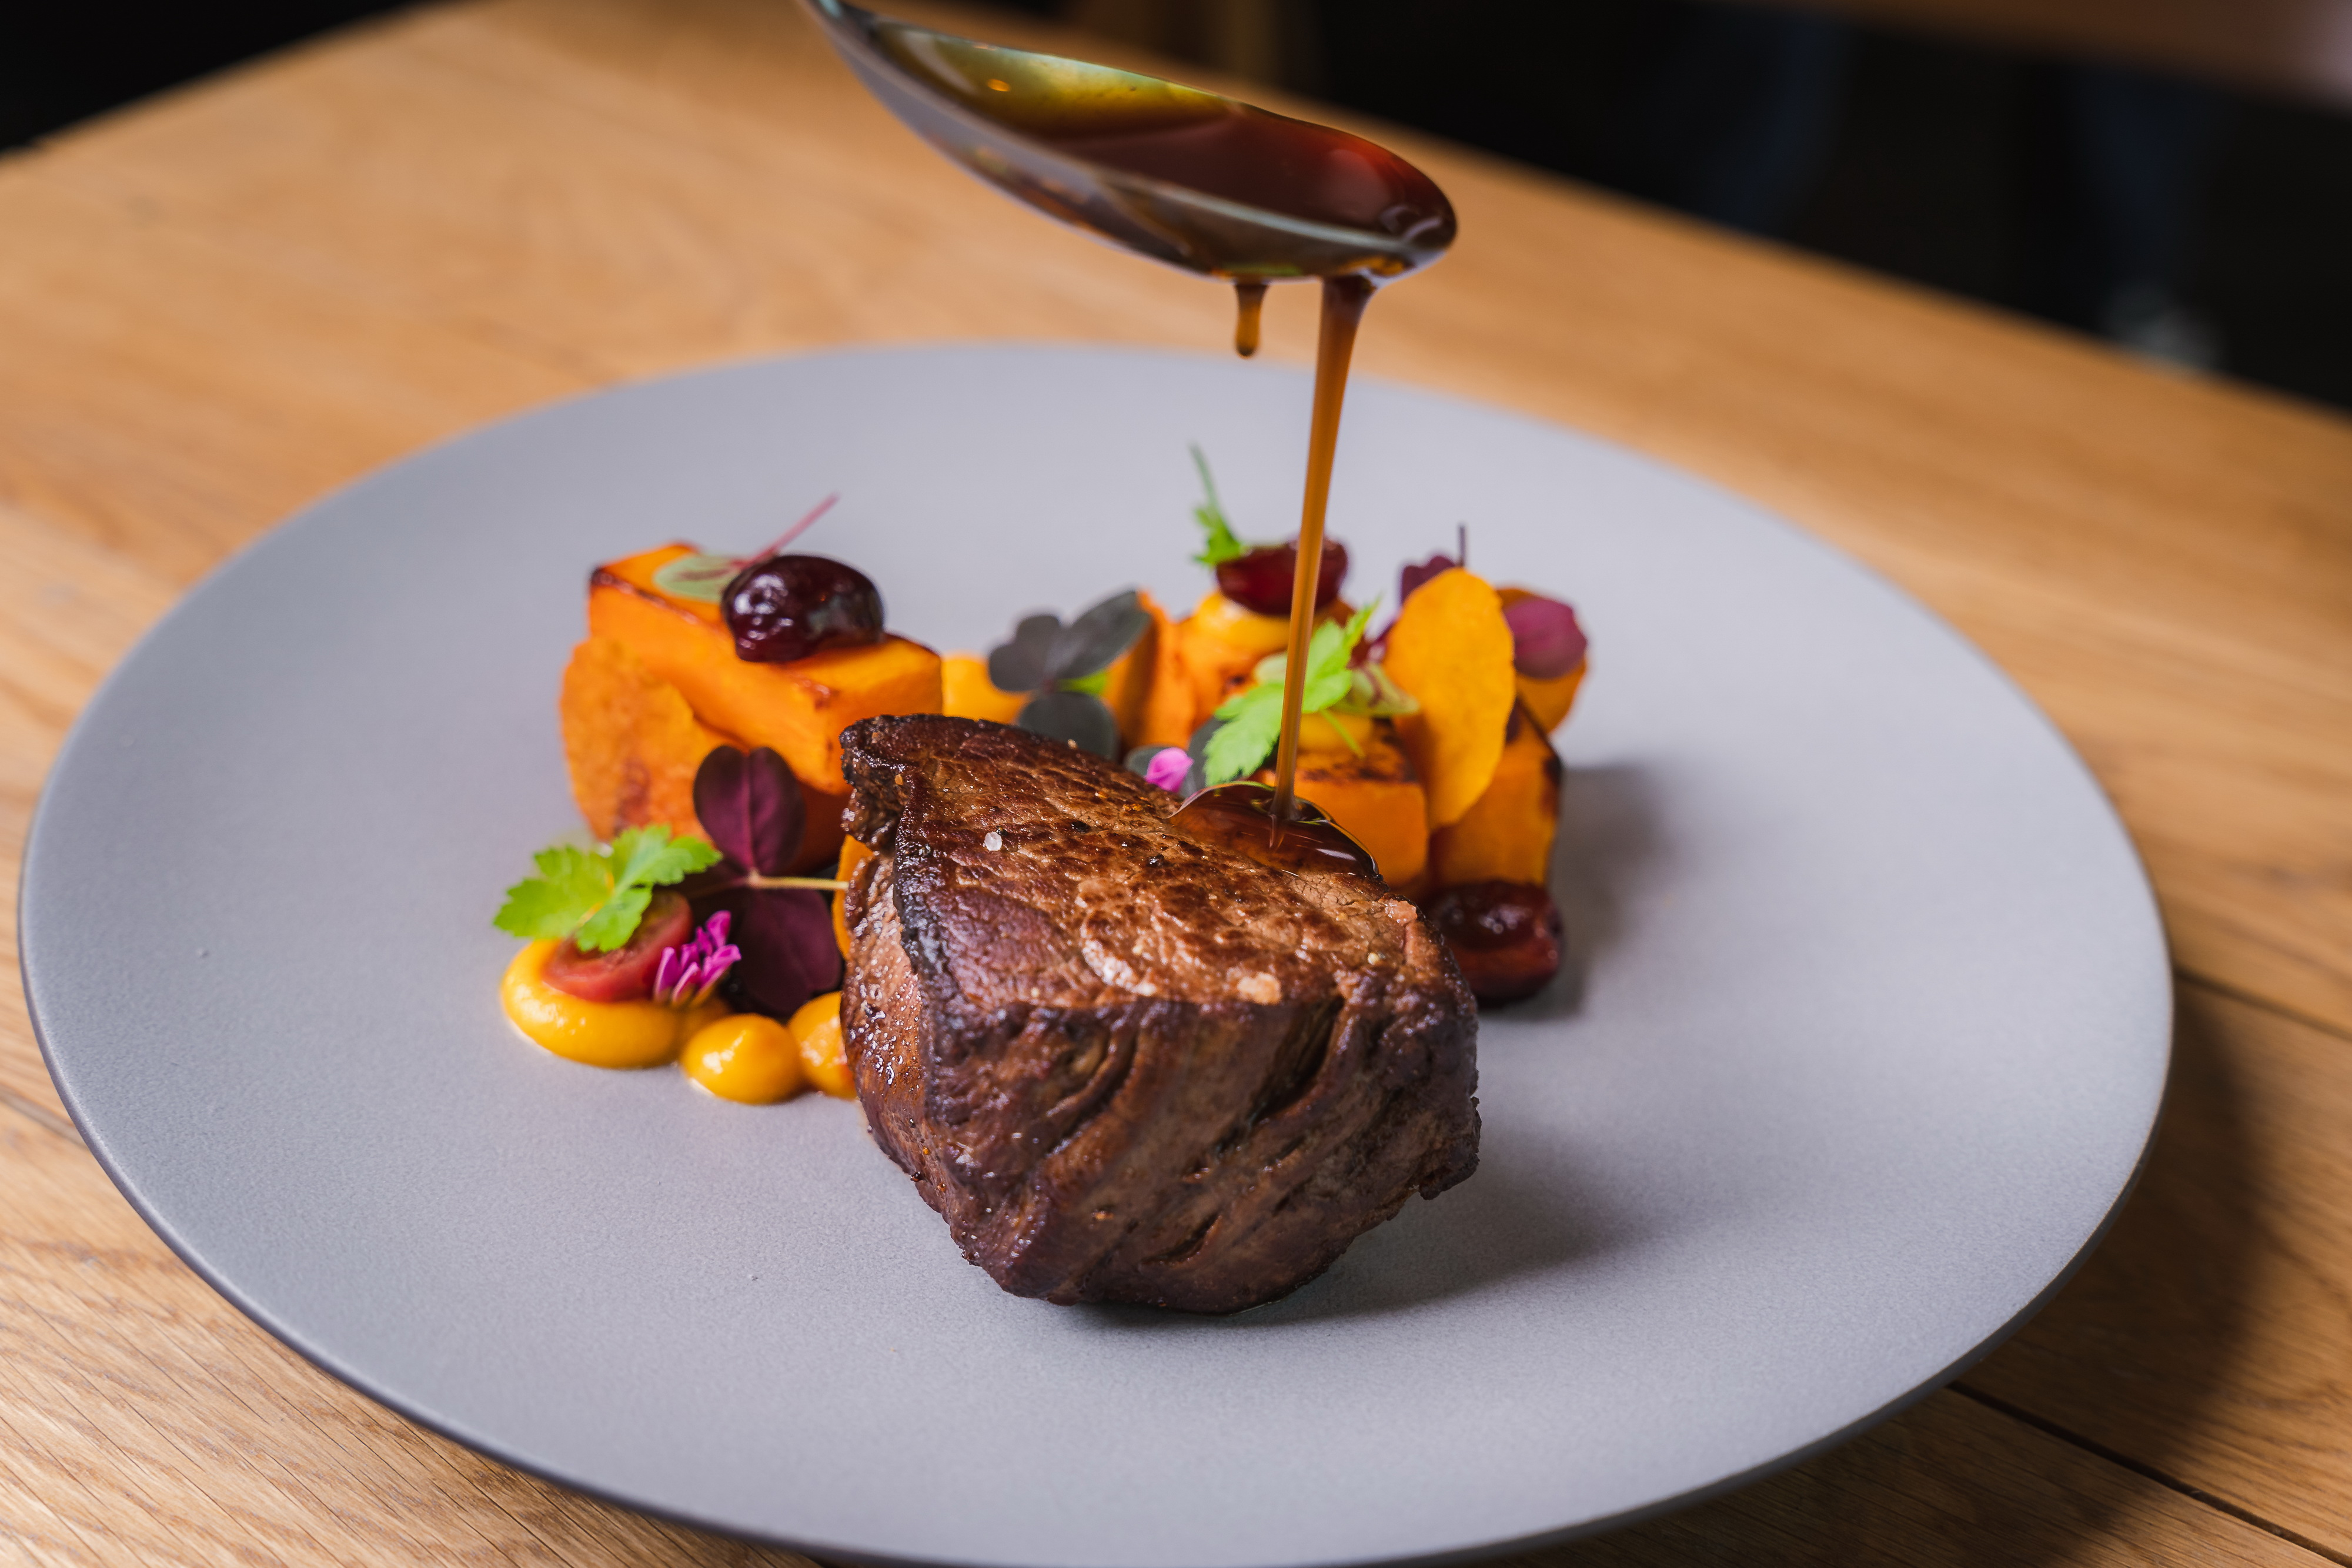 hortobagy_angus_belszin_steak_edesburgonya_cseresznye.jpg